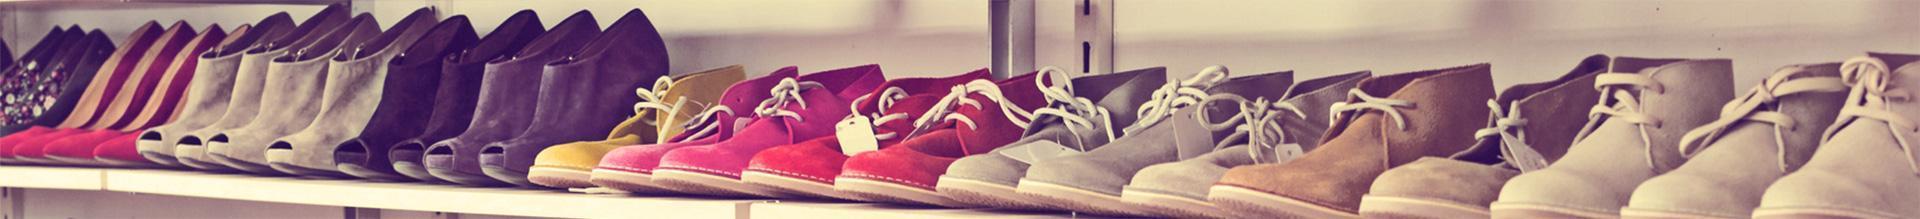 Jola - firma obuwnicza